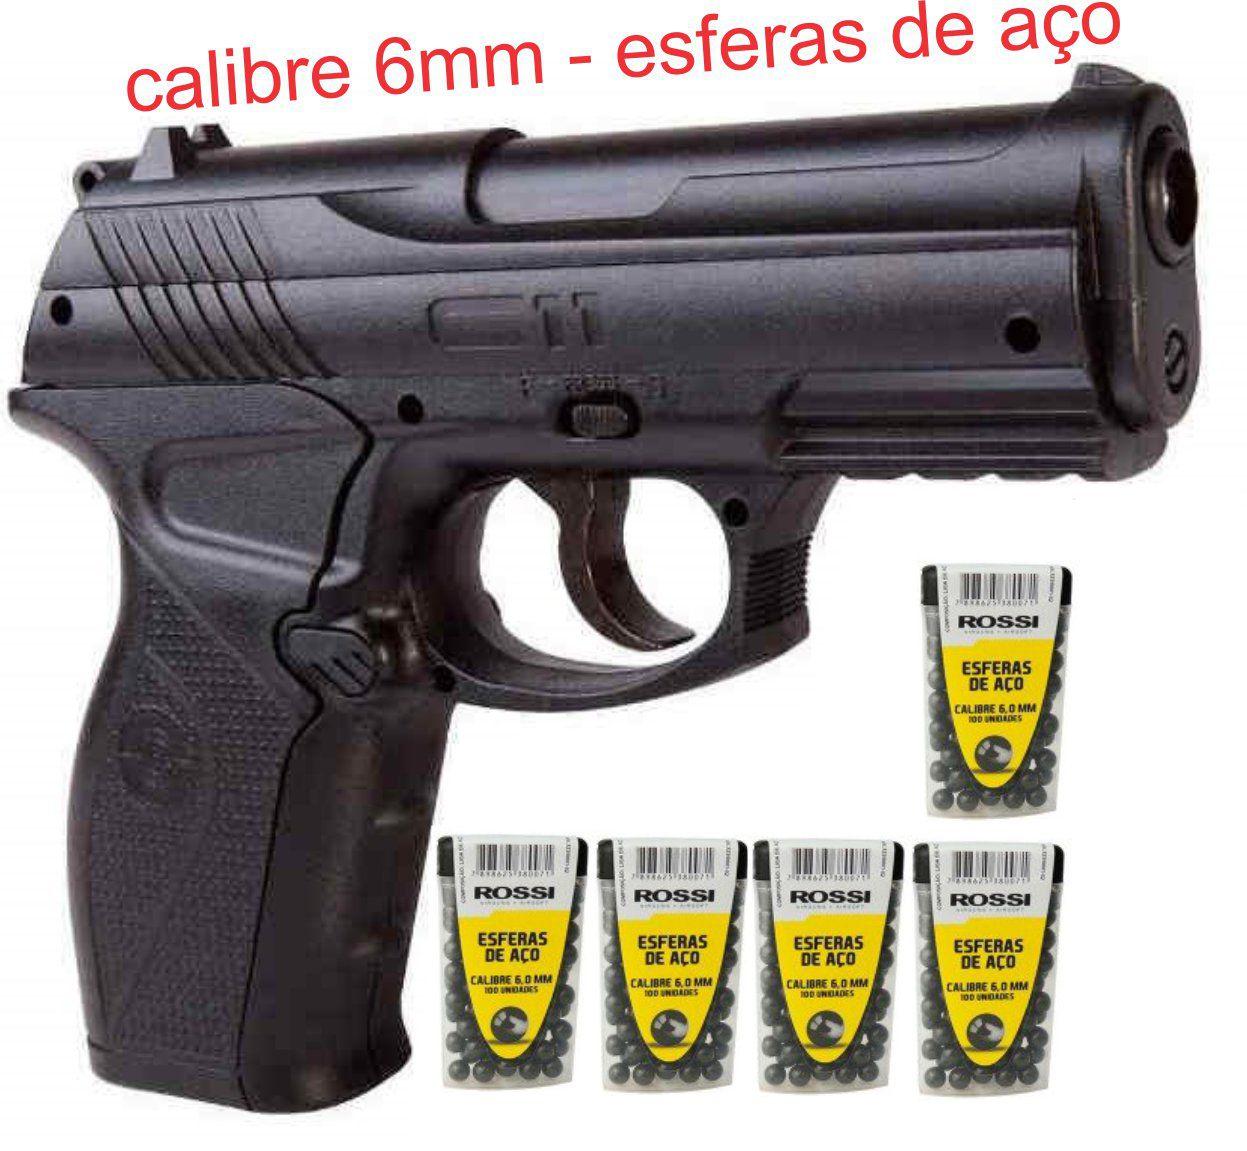 Pistola CO2  C11 Metal 6mm  + 500 esferas de aço